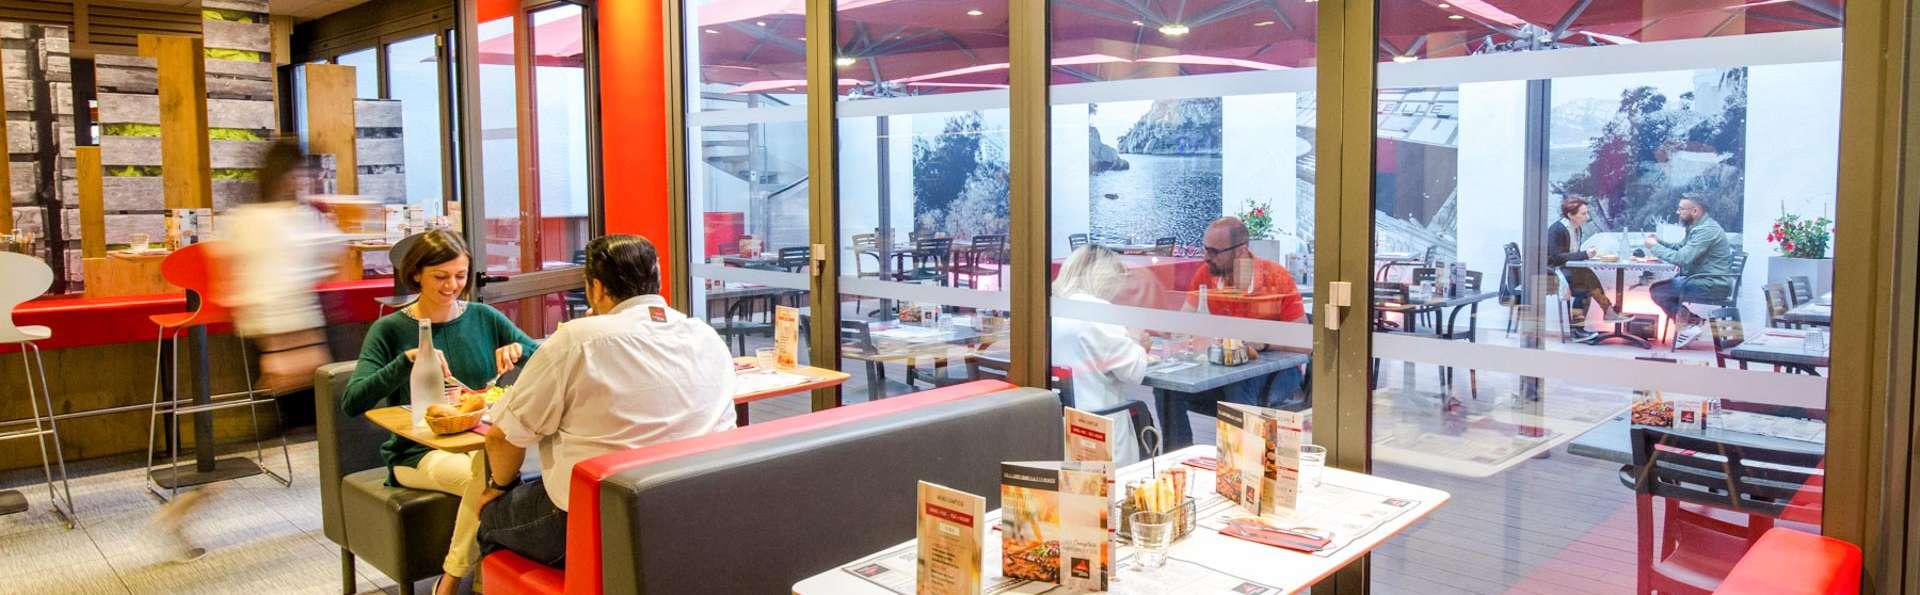 Parenthèse gourmande à Marseille avec diner de 2 plats